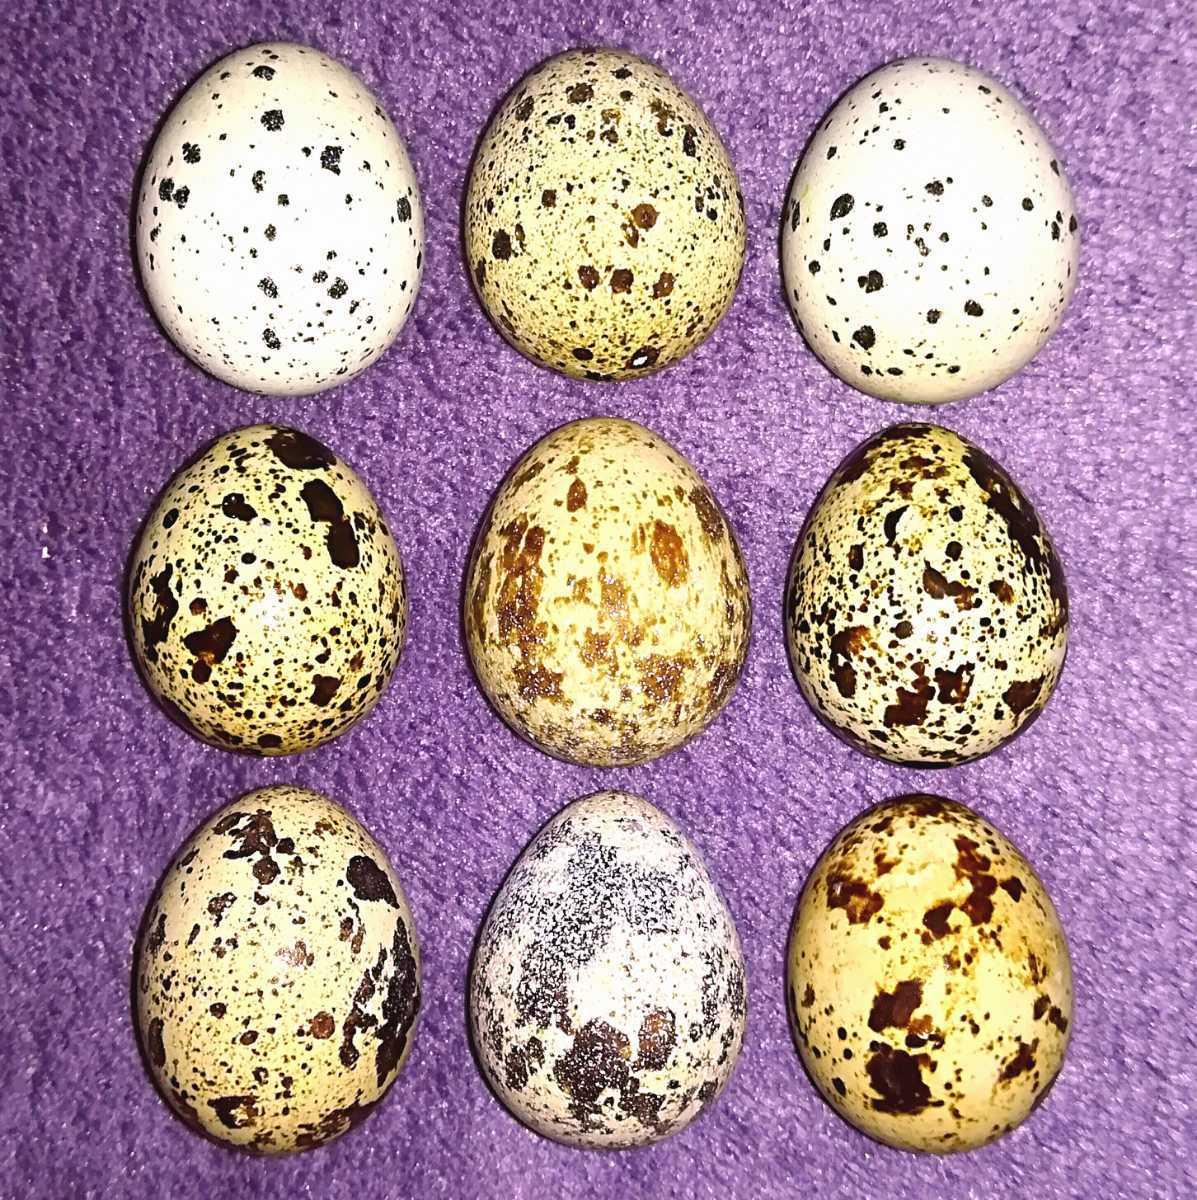 並うずらの有精卵6個 色変わり並ウズラの種卵_画像1